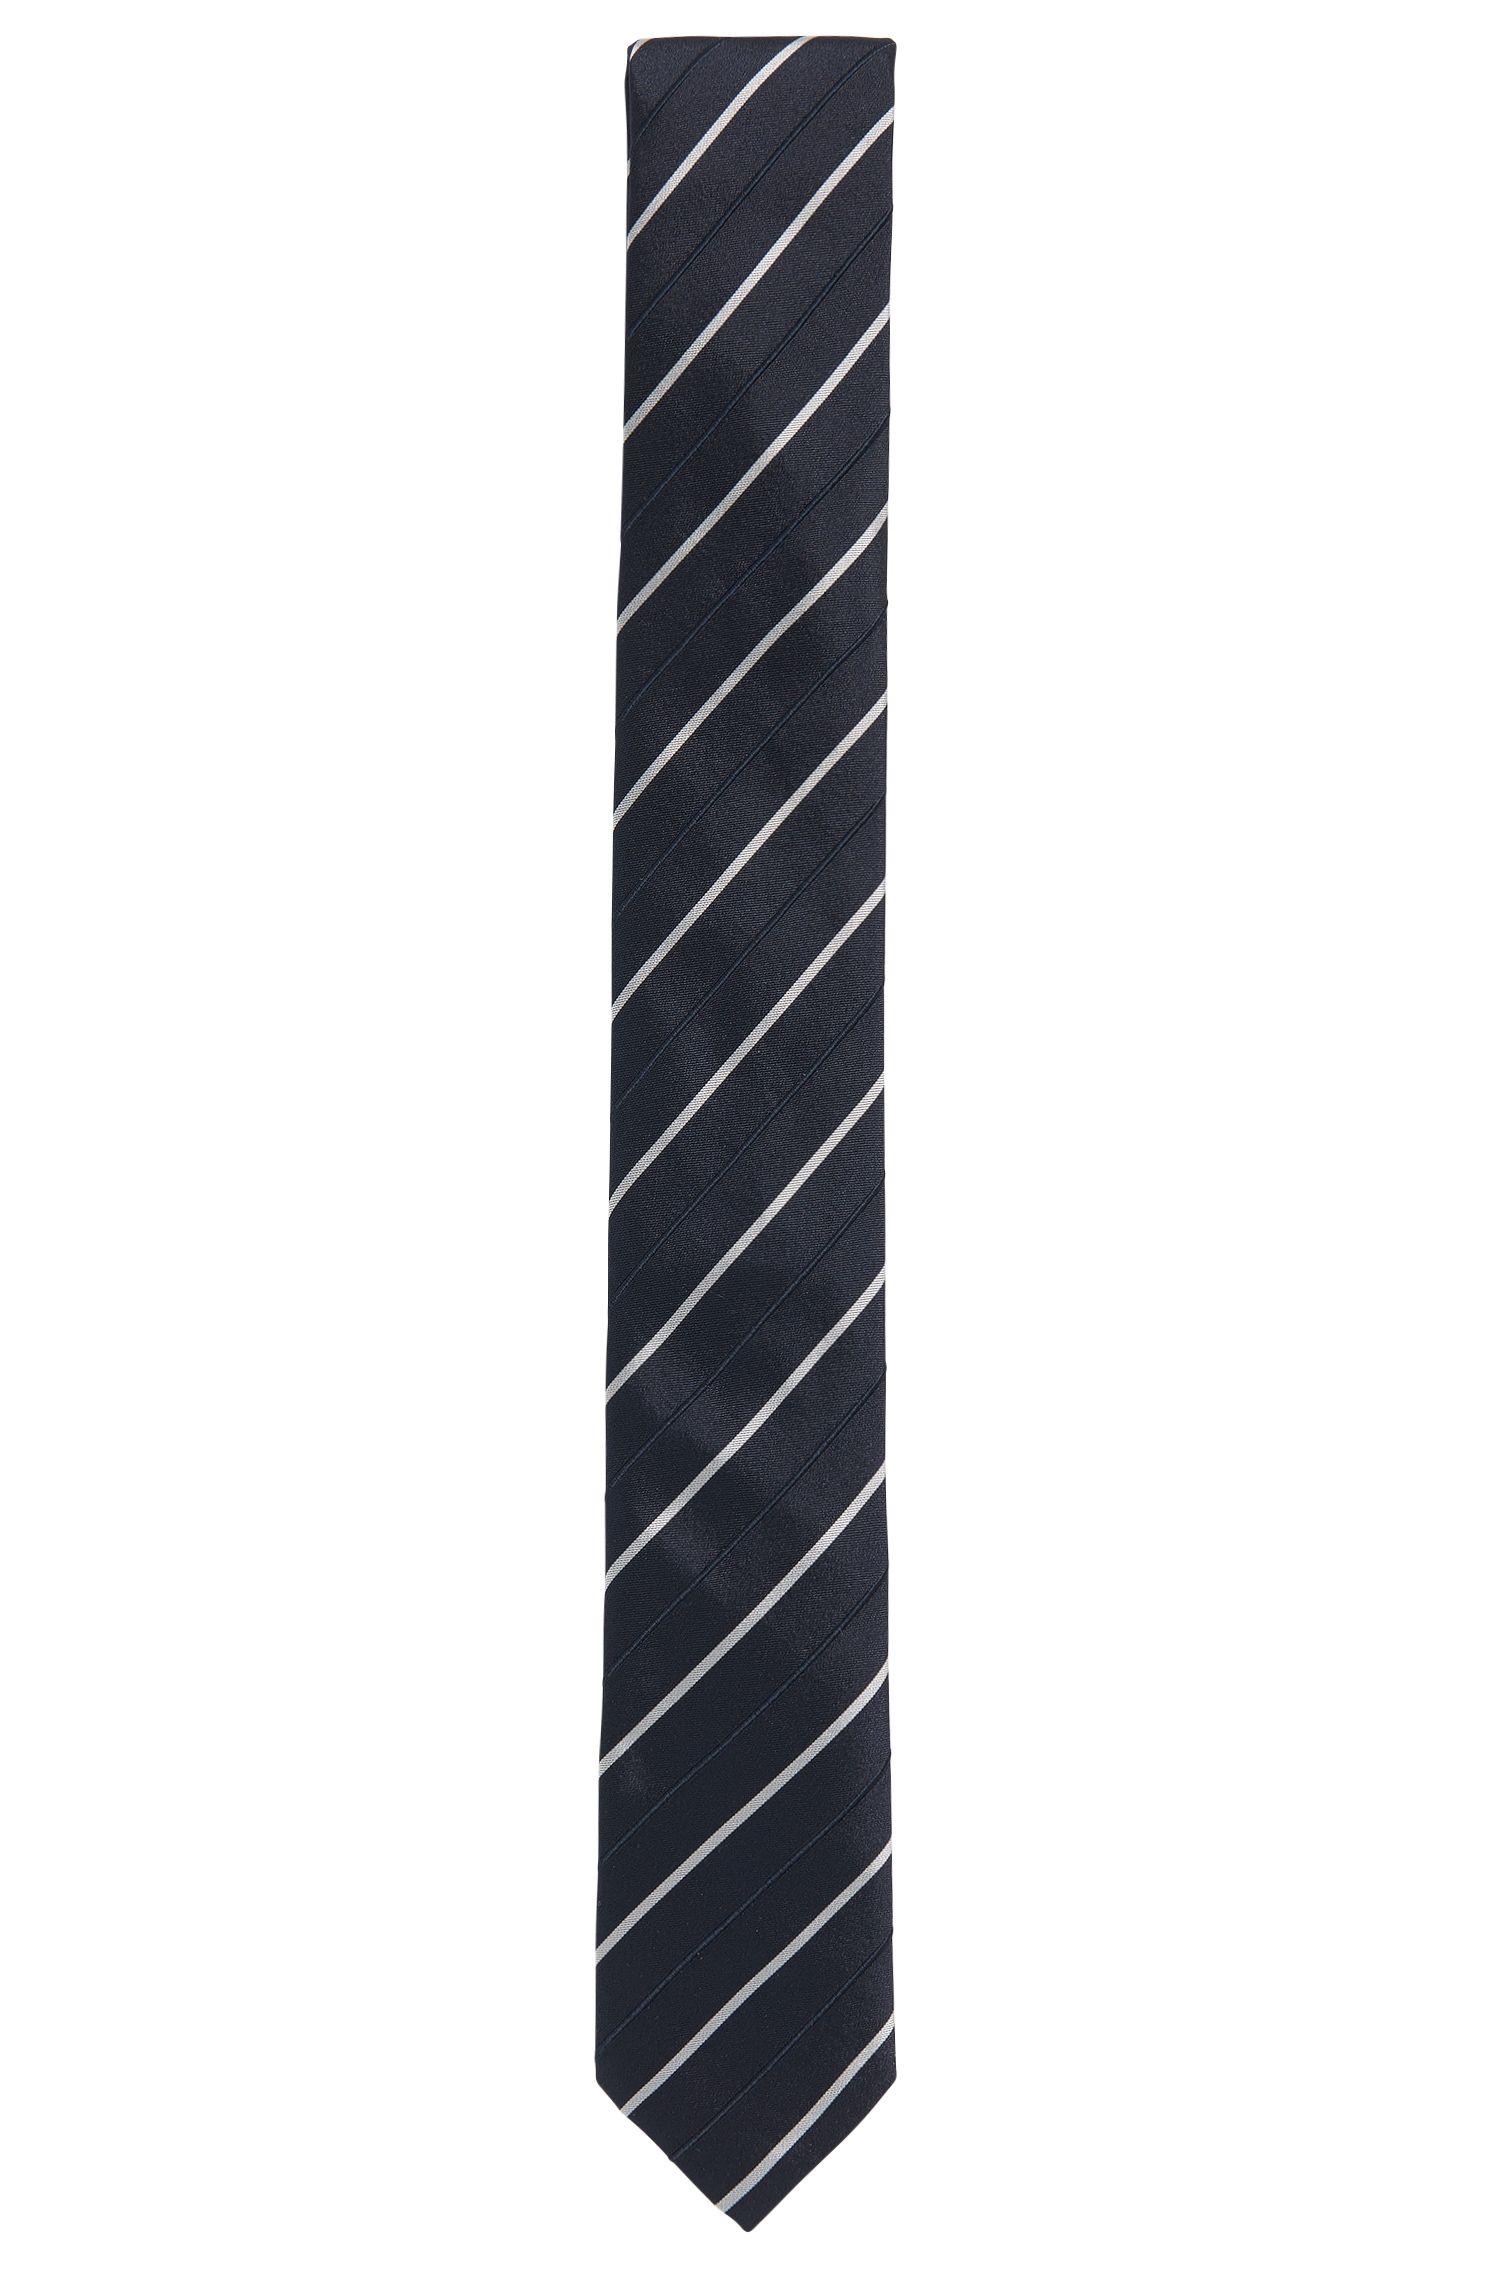 Cravate jacquard en soie à motif effet 3D